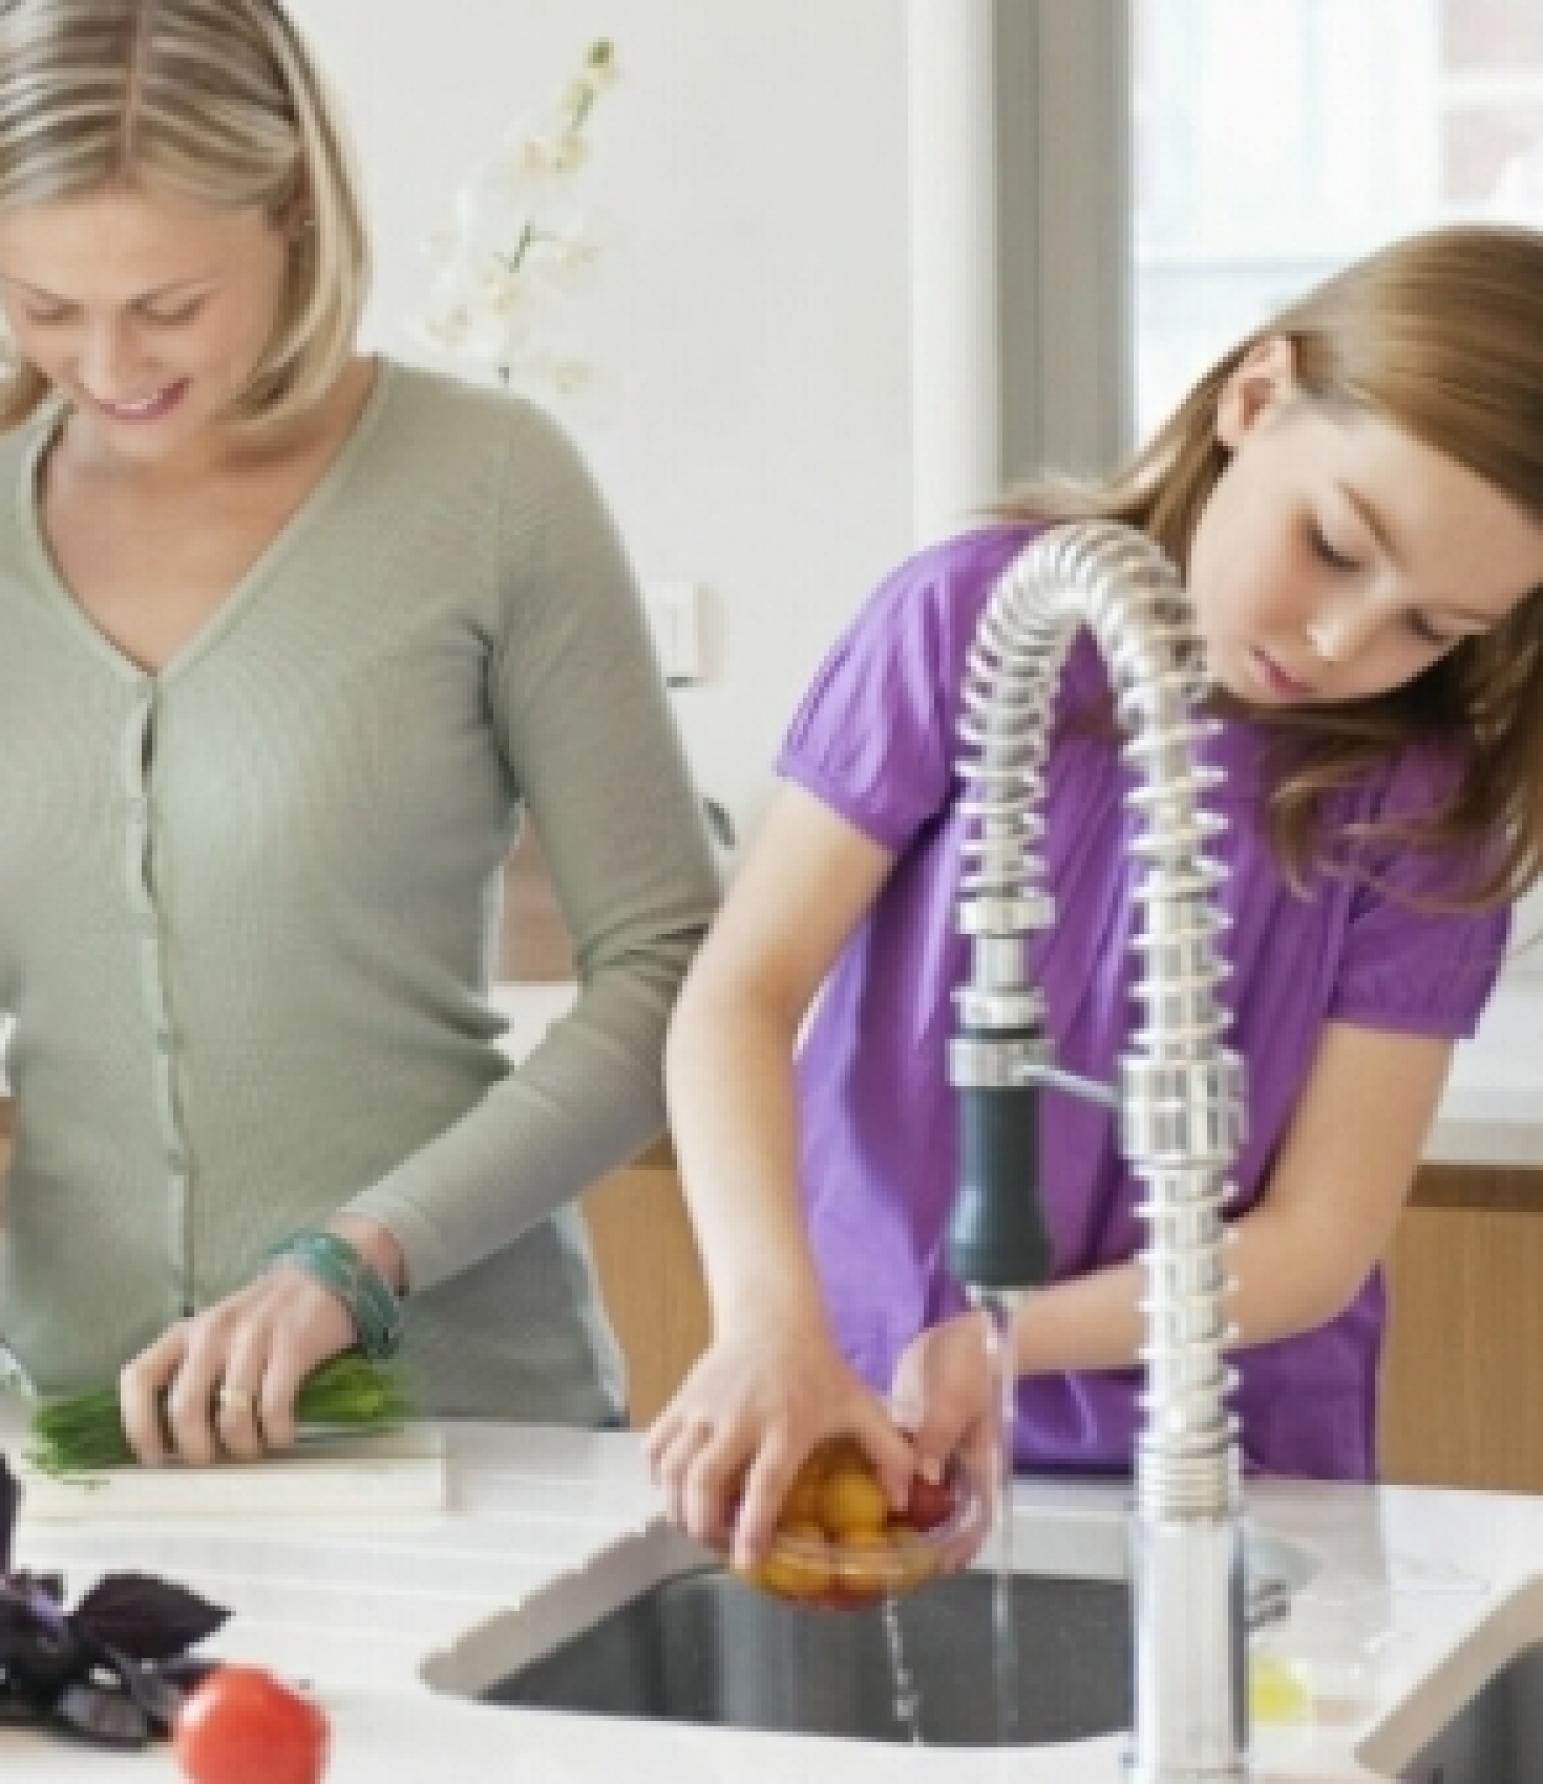 Familie mit Kind beim Kochen